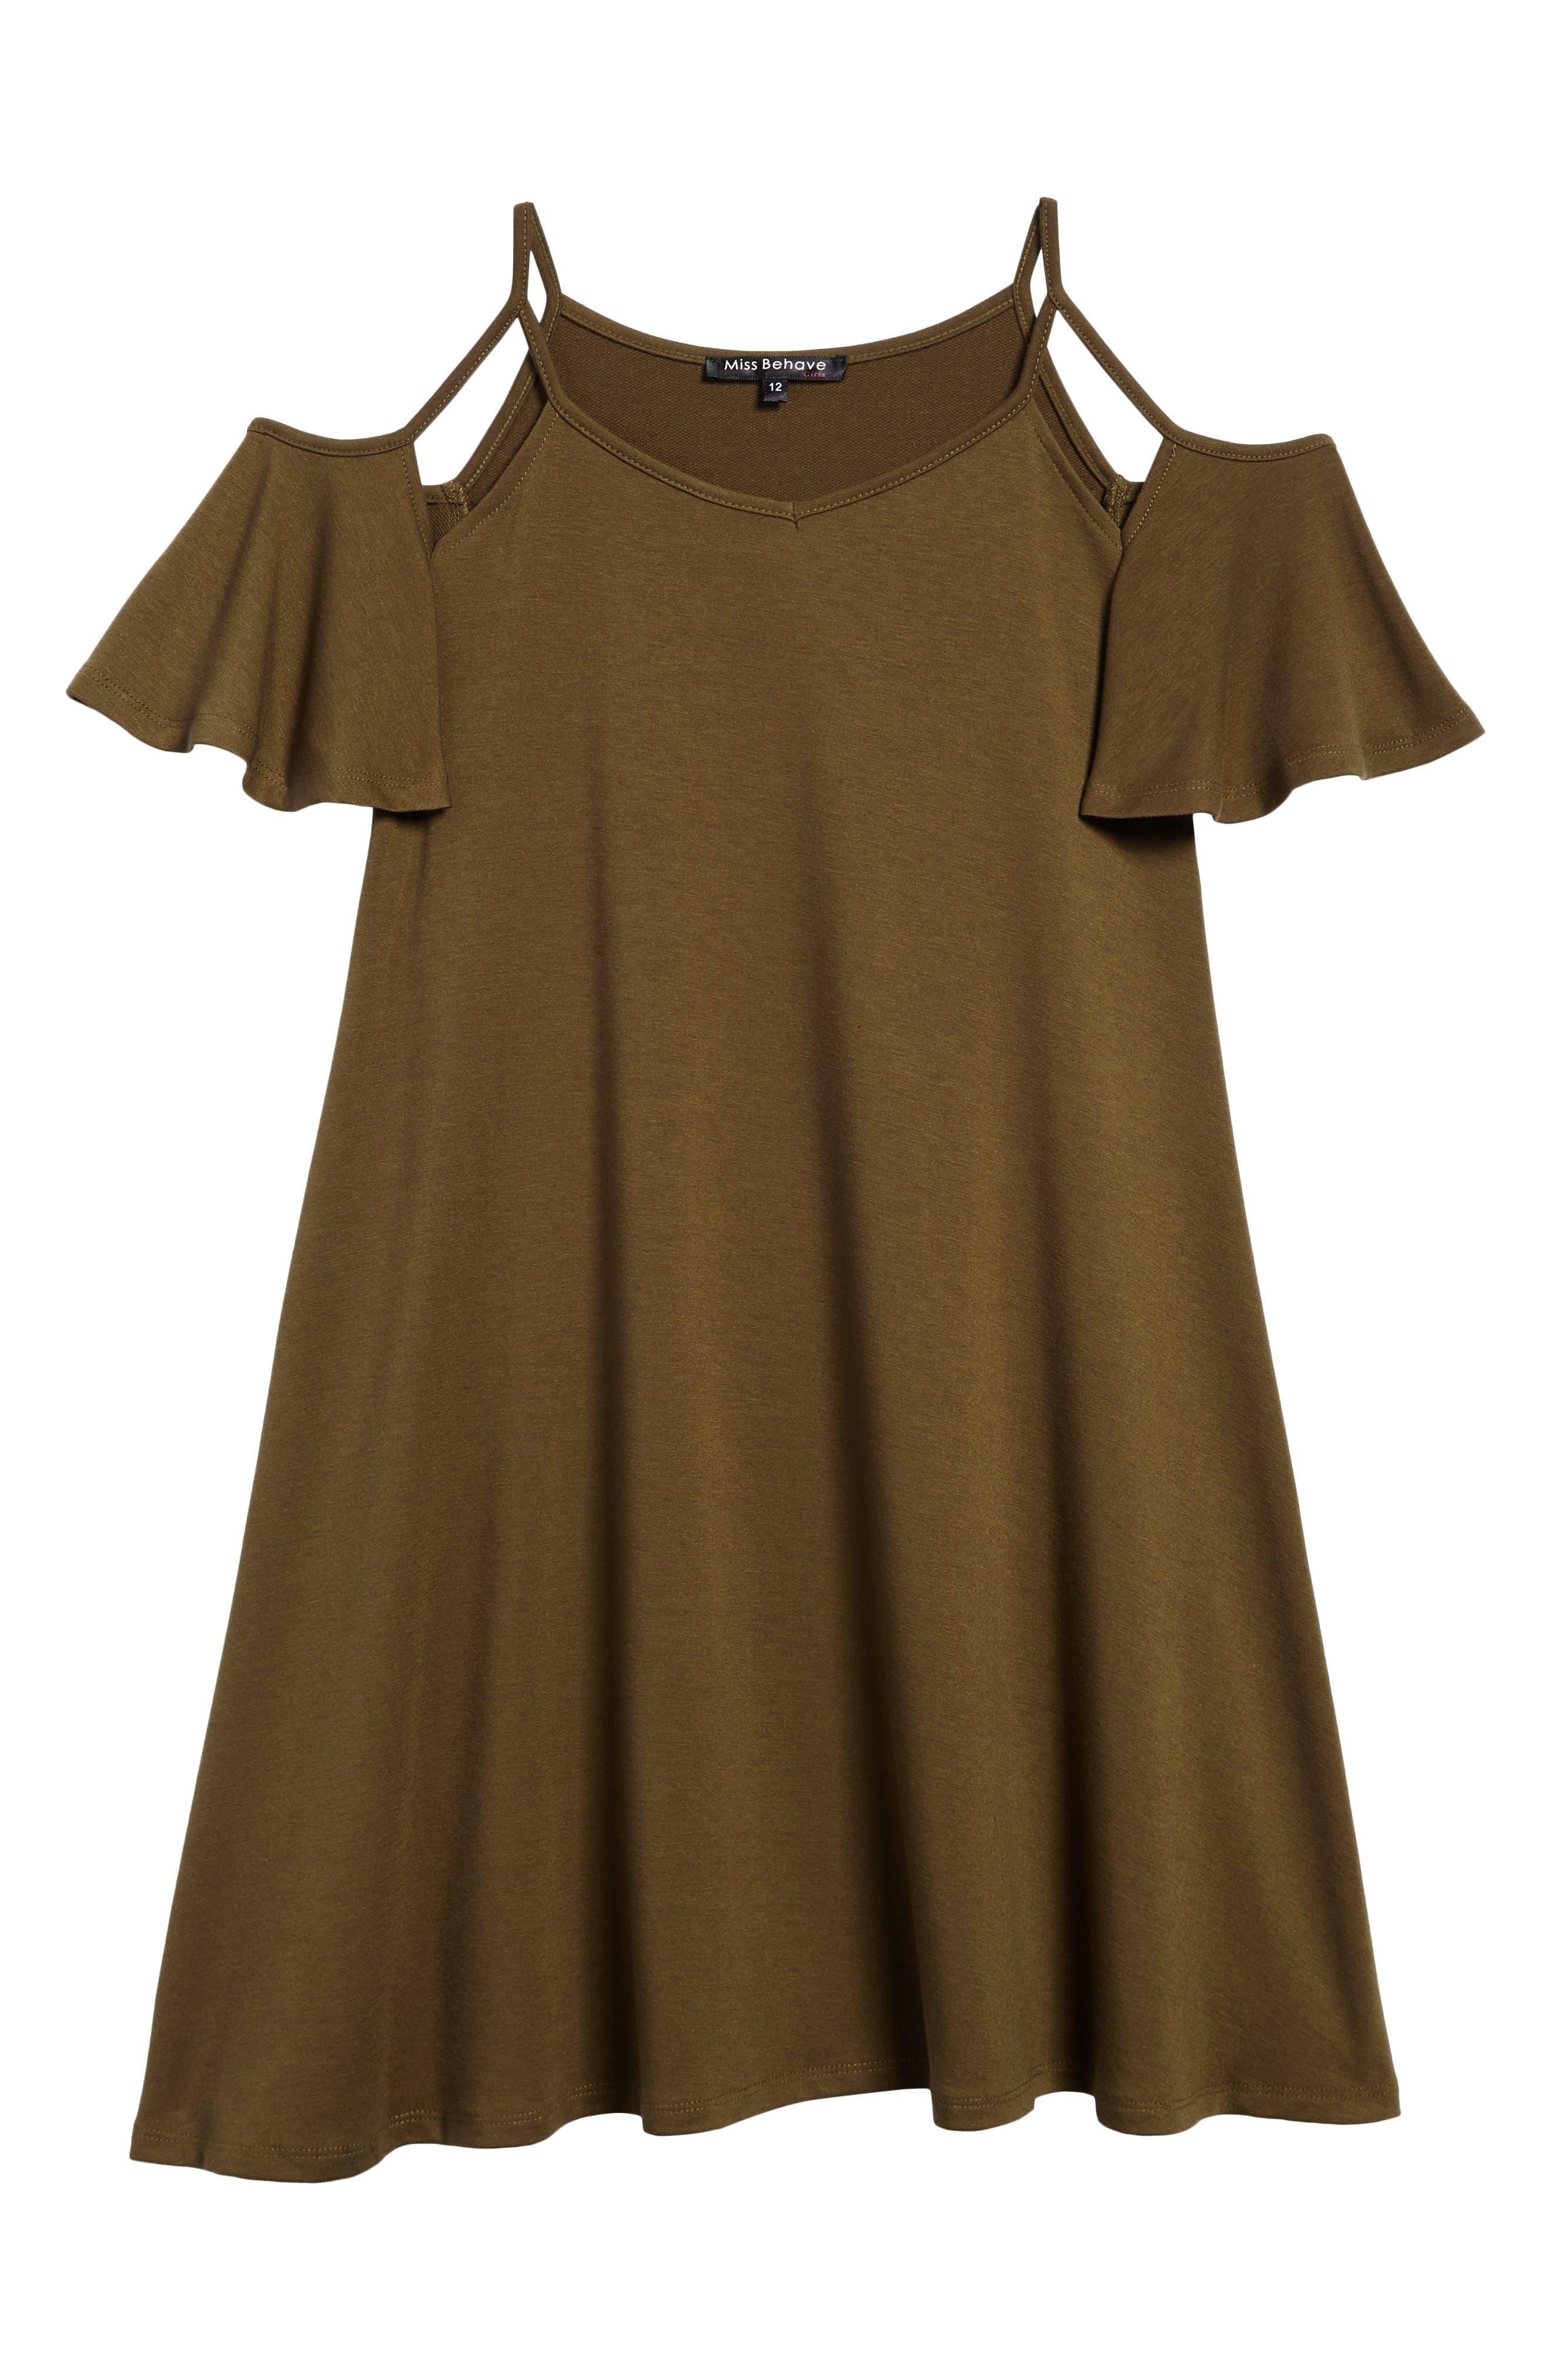 Main Image - Miss Behave Cold Shoulder Dress (Big Girls)